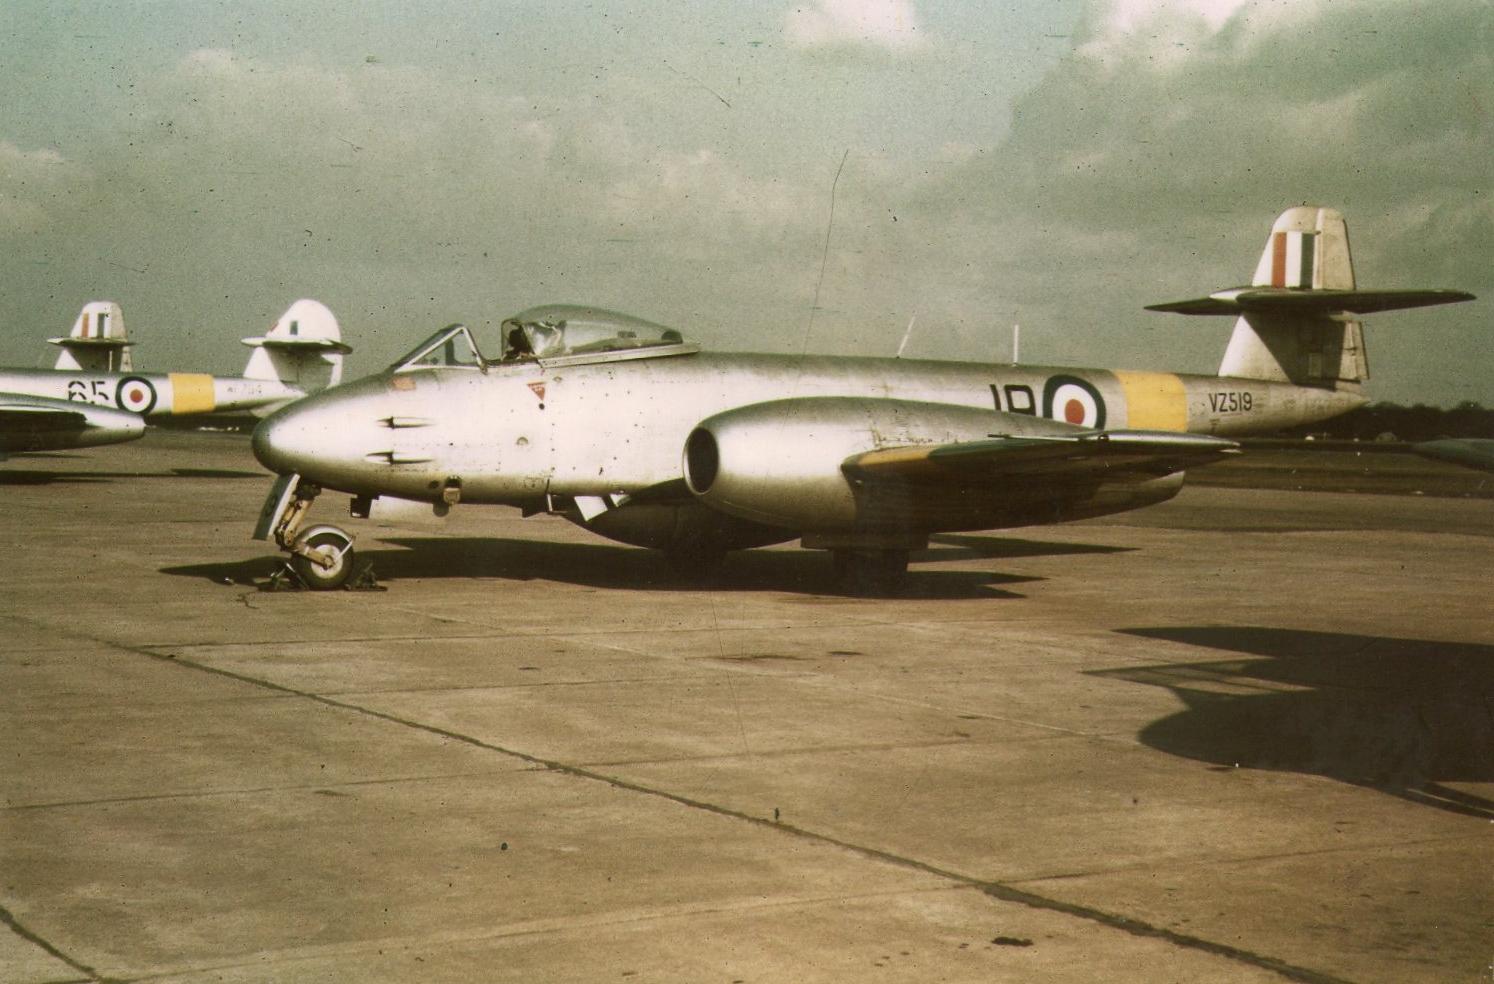 RAF Worksop, RAF Scofton, VZ519, Meteor, Gloster, 211 AFS